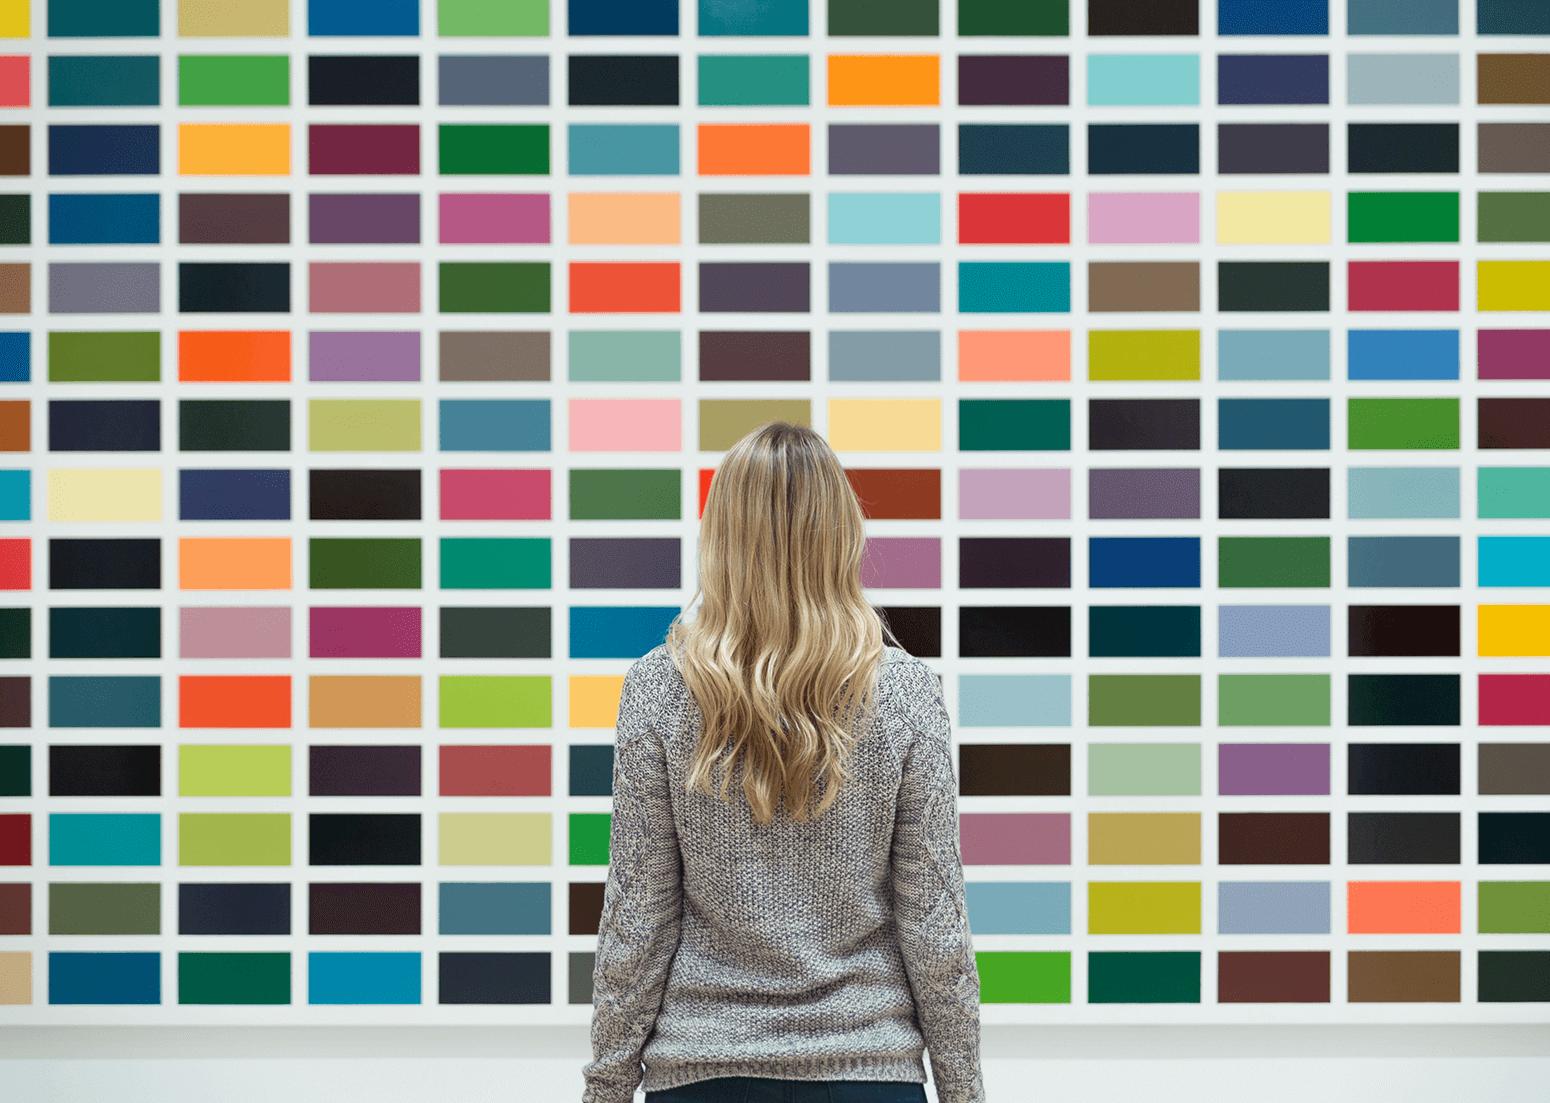 איך לבחור צבעים לאתר אינטרנט?